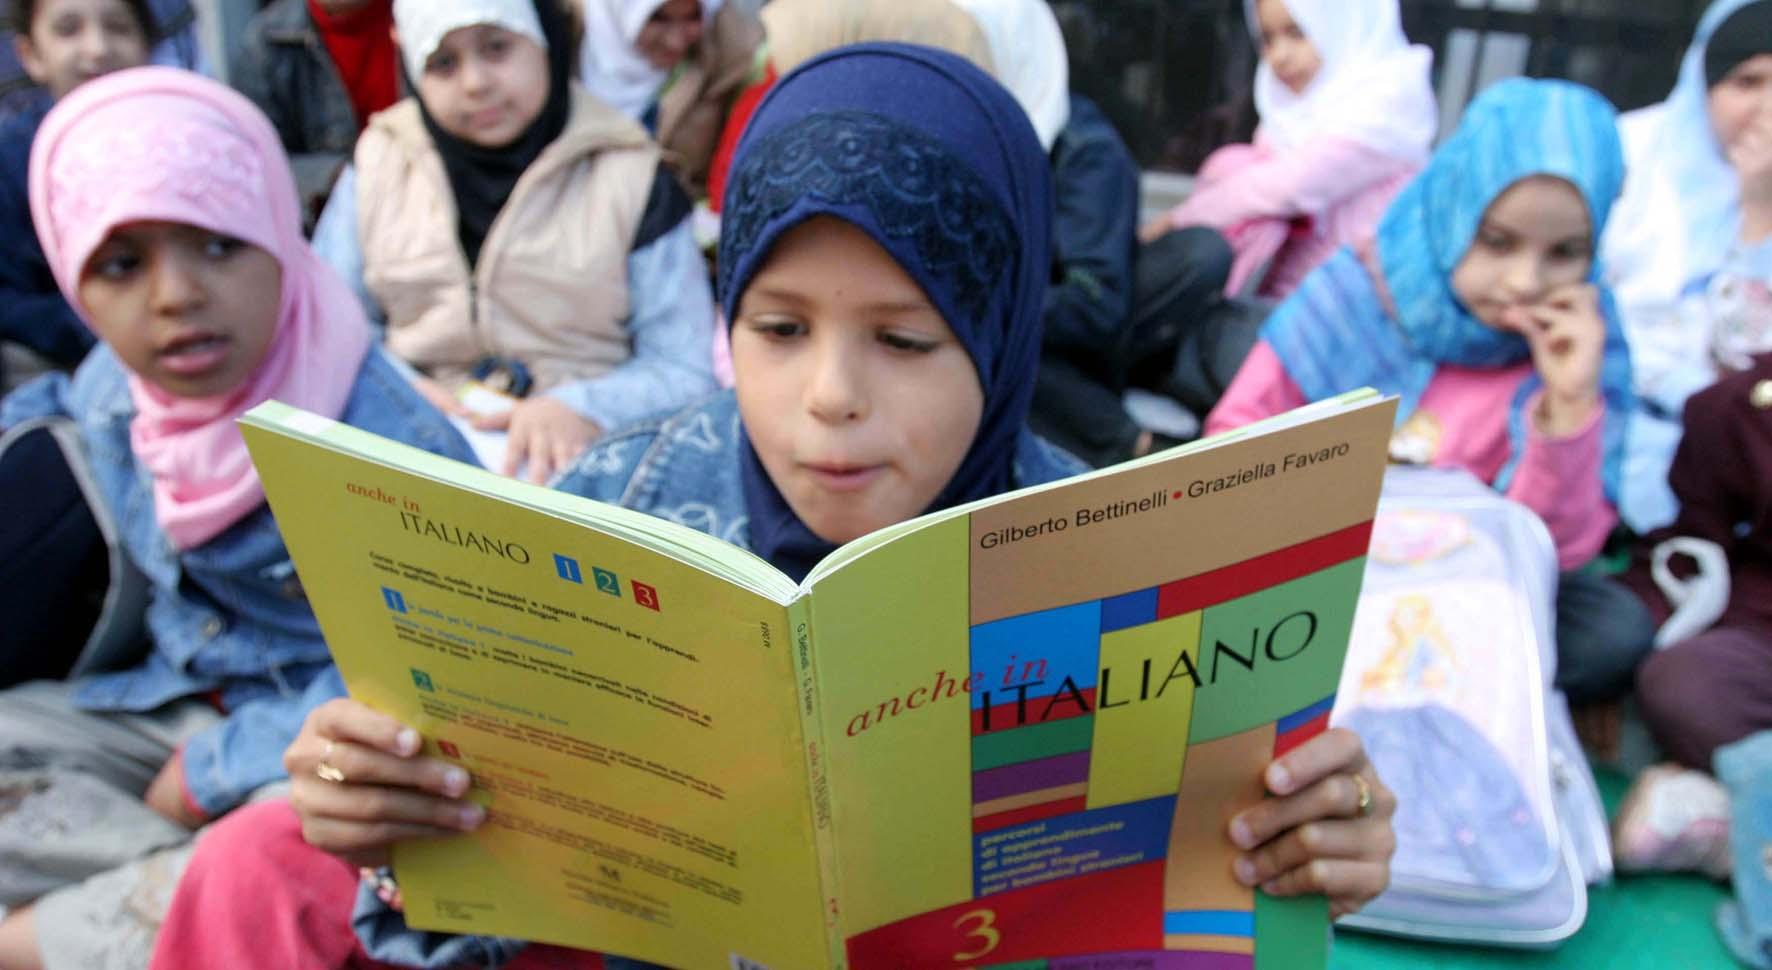 immigrazione scuola bambina islamica